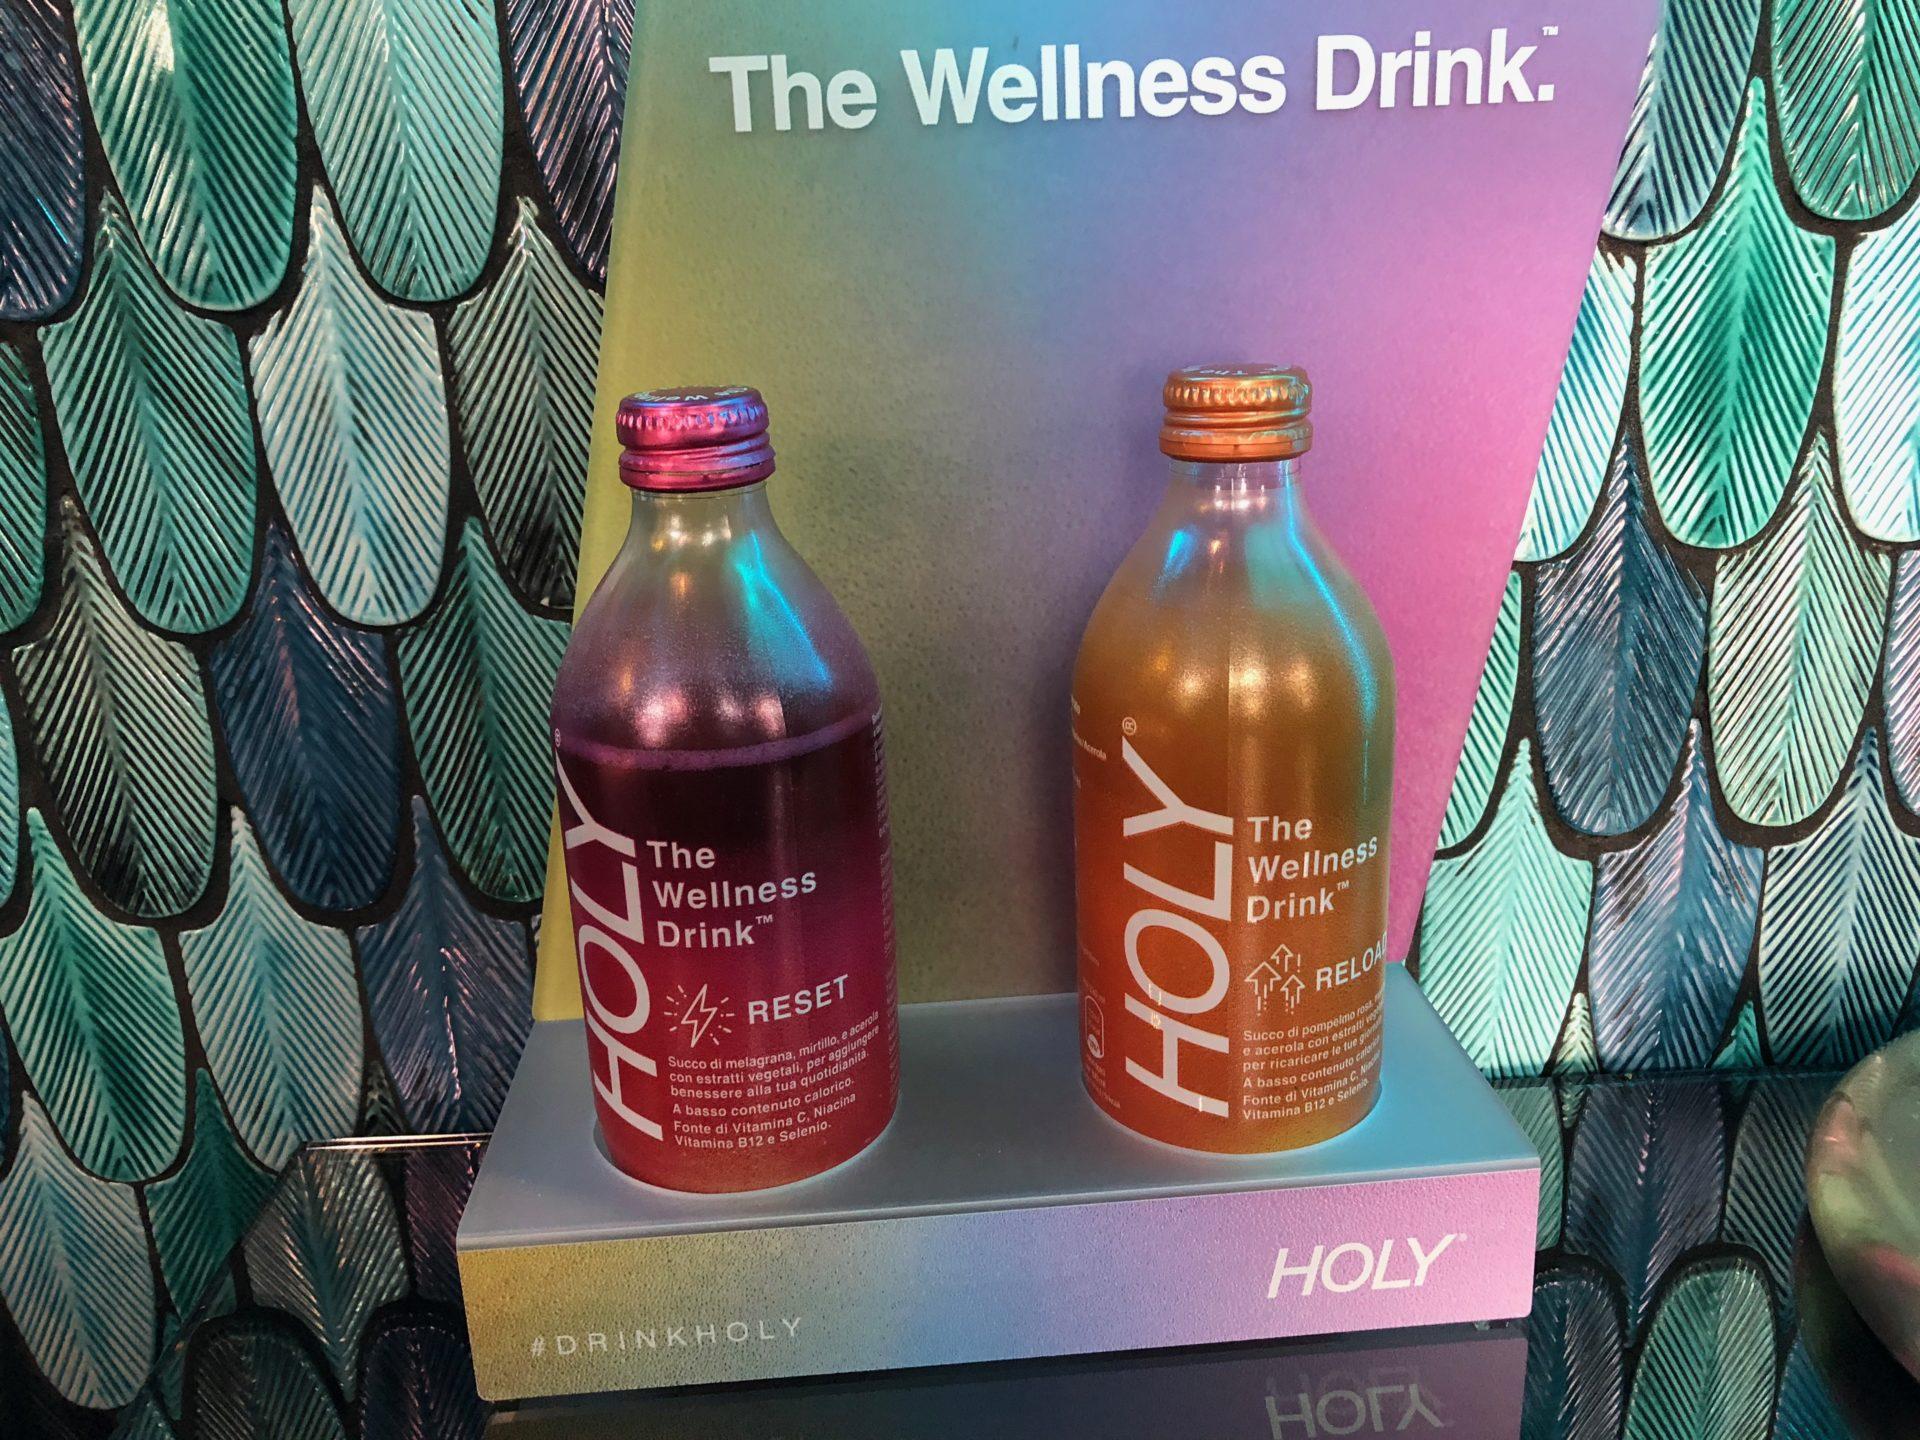 Holy®: carica e benessere per l'organismo